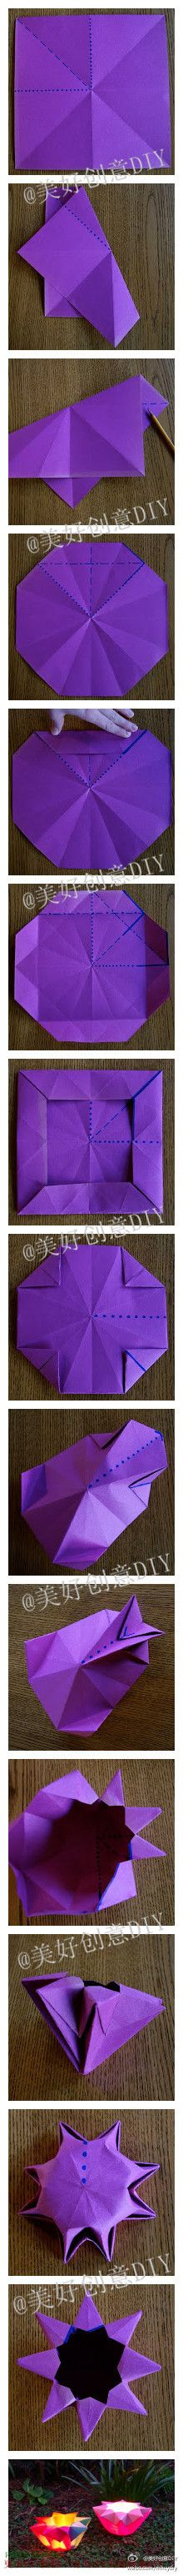 Linternas de papel plegado, origami no se pierda por favor, preste atención a DIY creativo.. tutorial